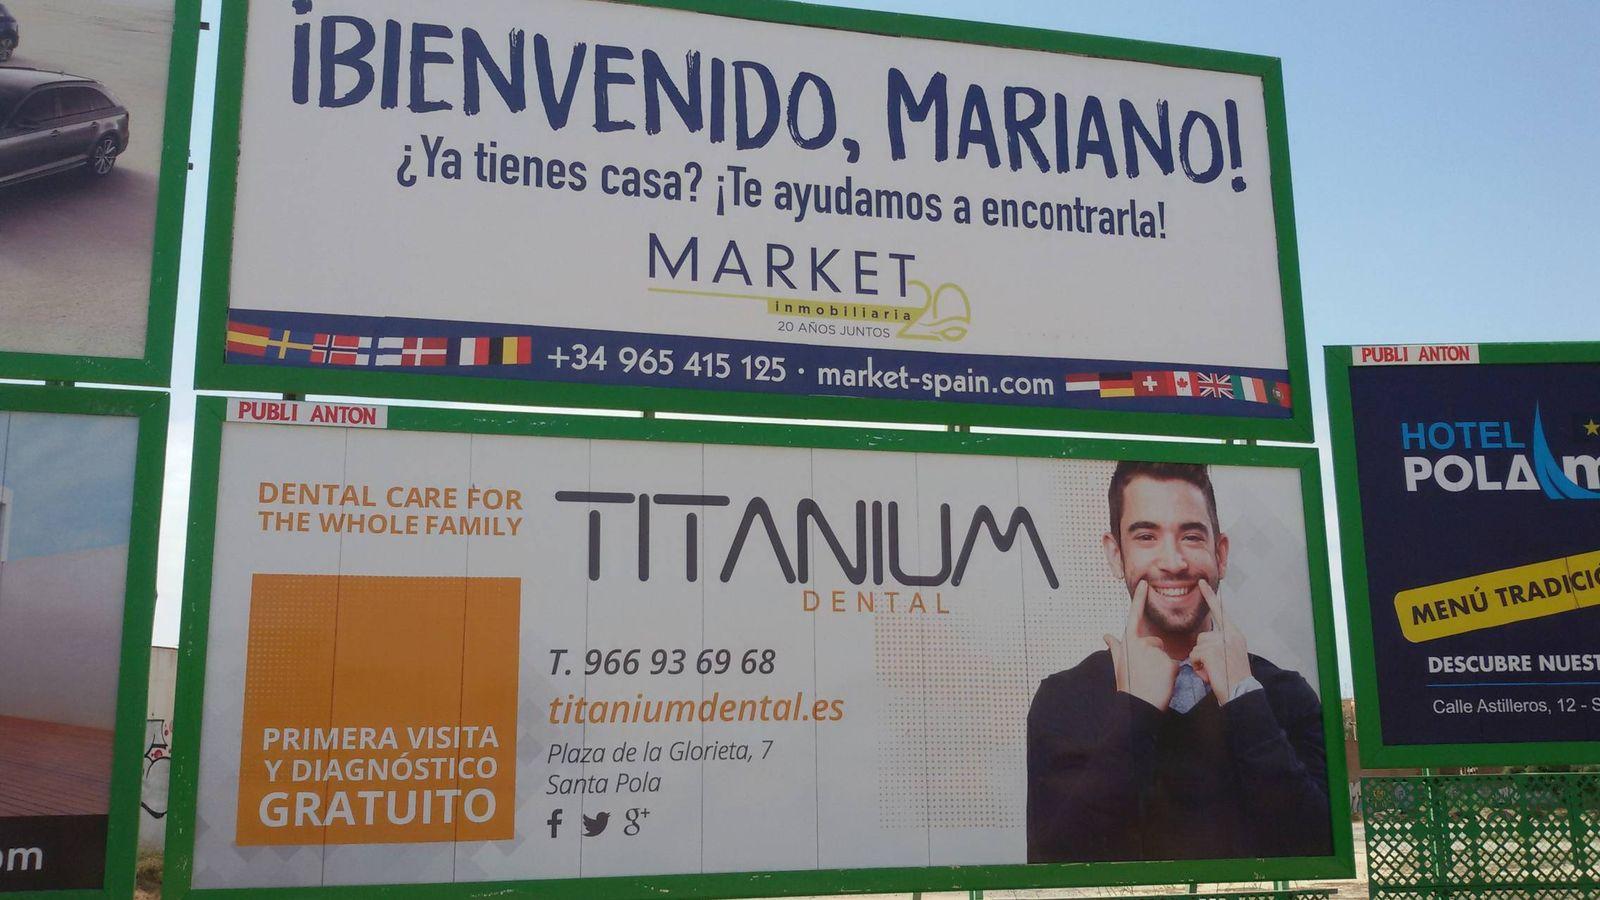 Foto: Una inmobiliaria ha aprovechado el regreso a su plaza de Mariano Rajoy para anunciarse en Santa Pola. (V.R.)